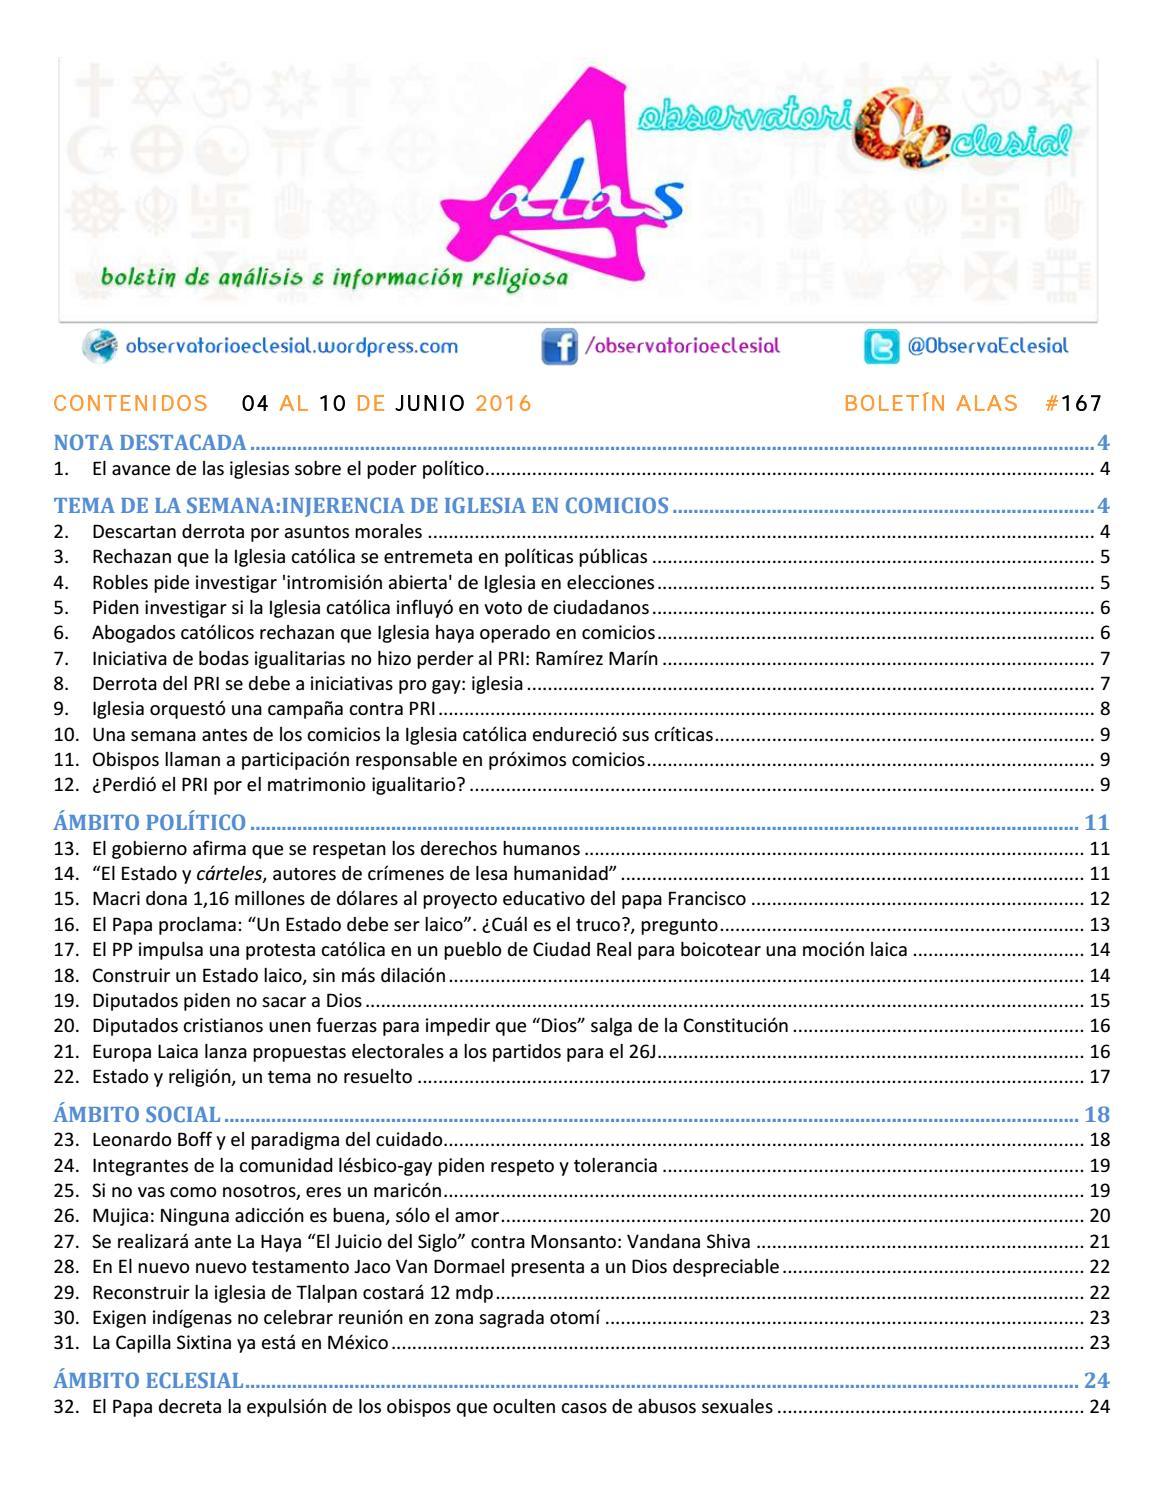 BOLETIN ALAS-OE 167 by Boletín Alas-OE - issuu